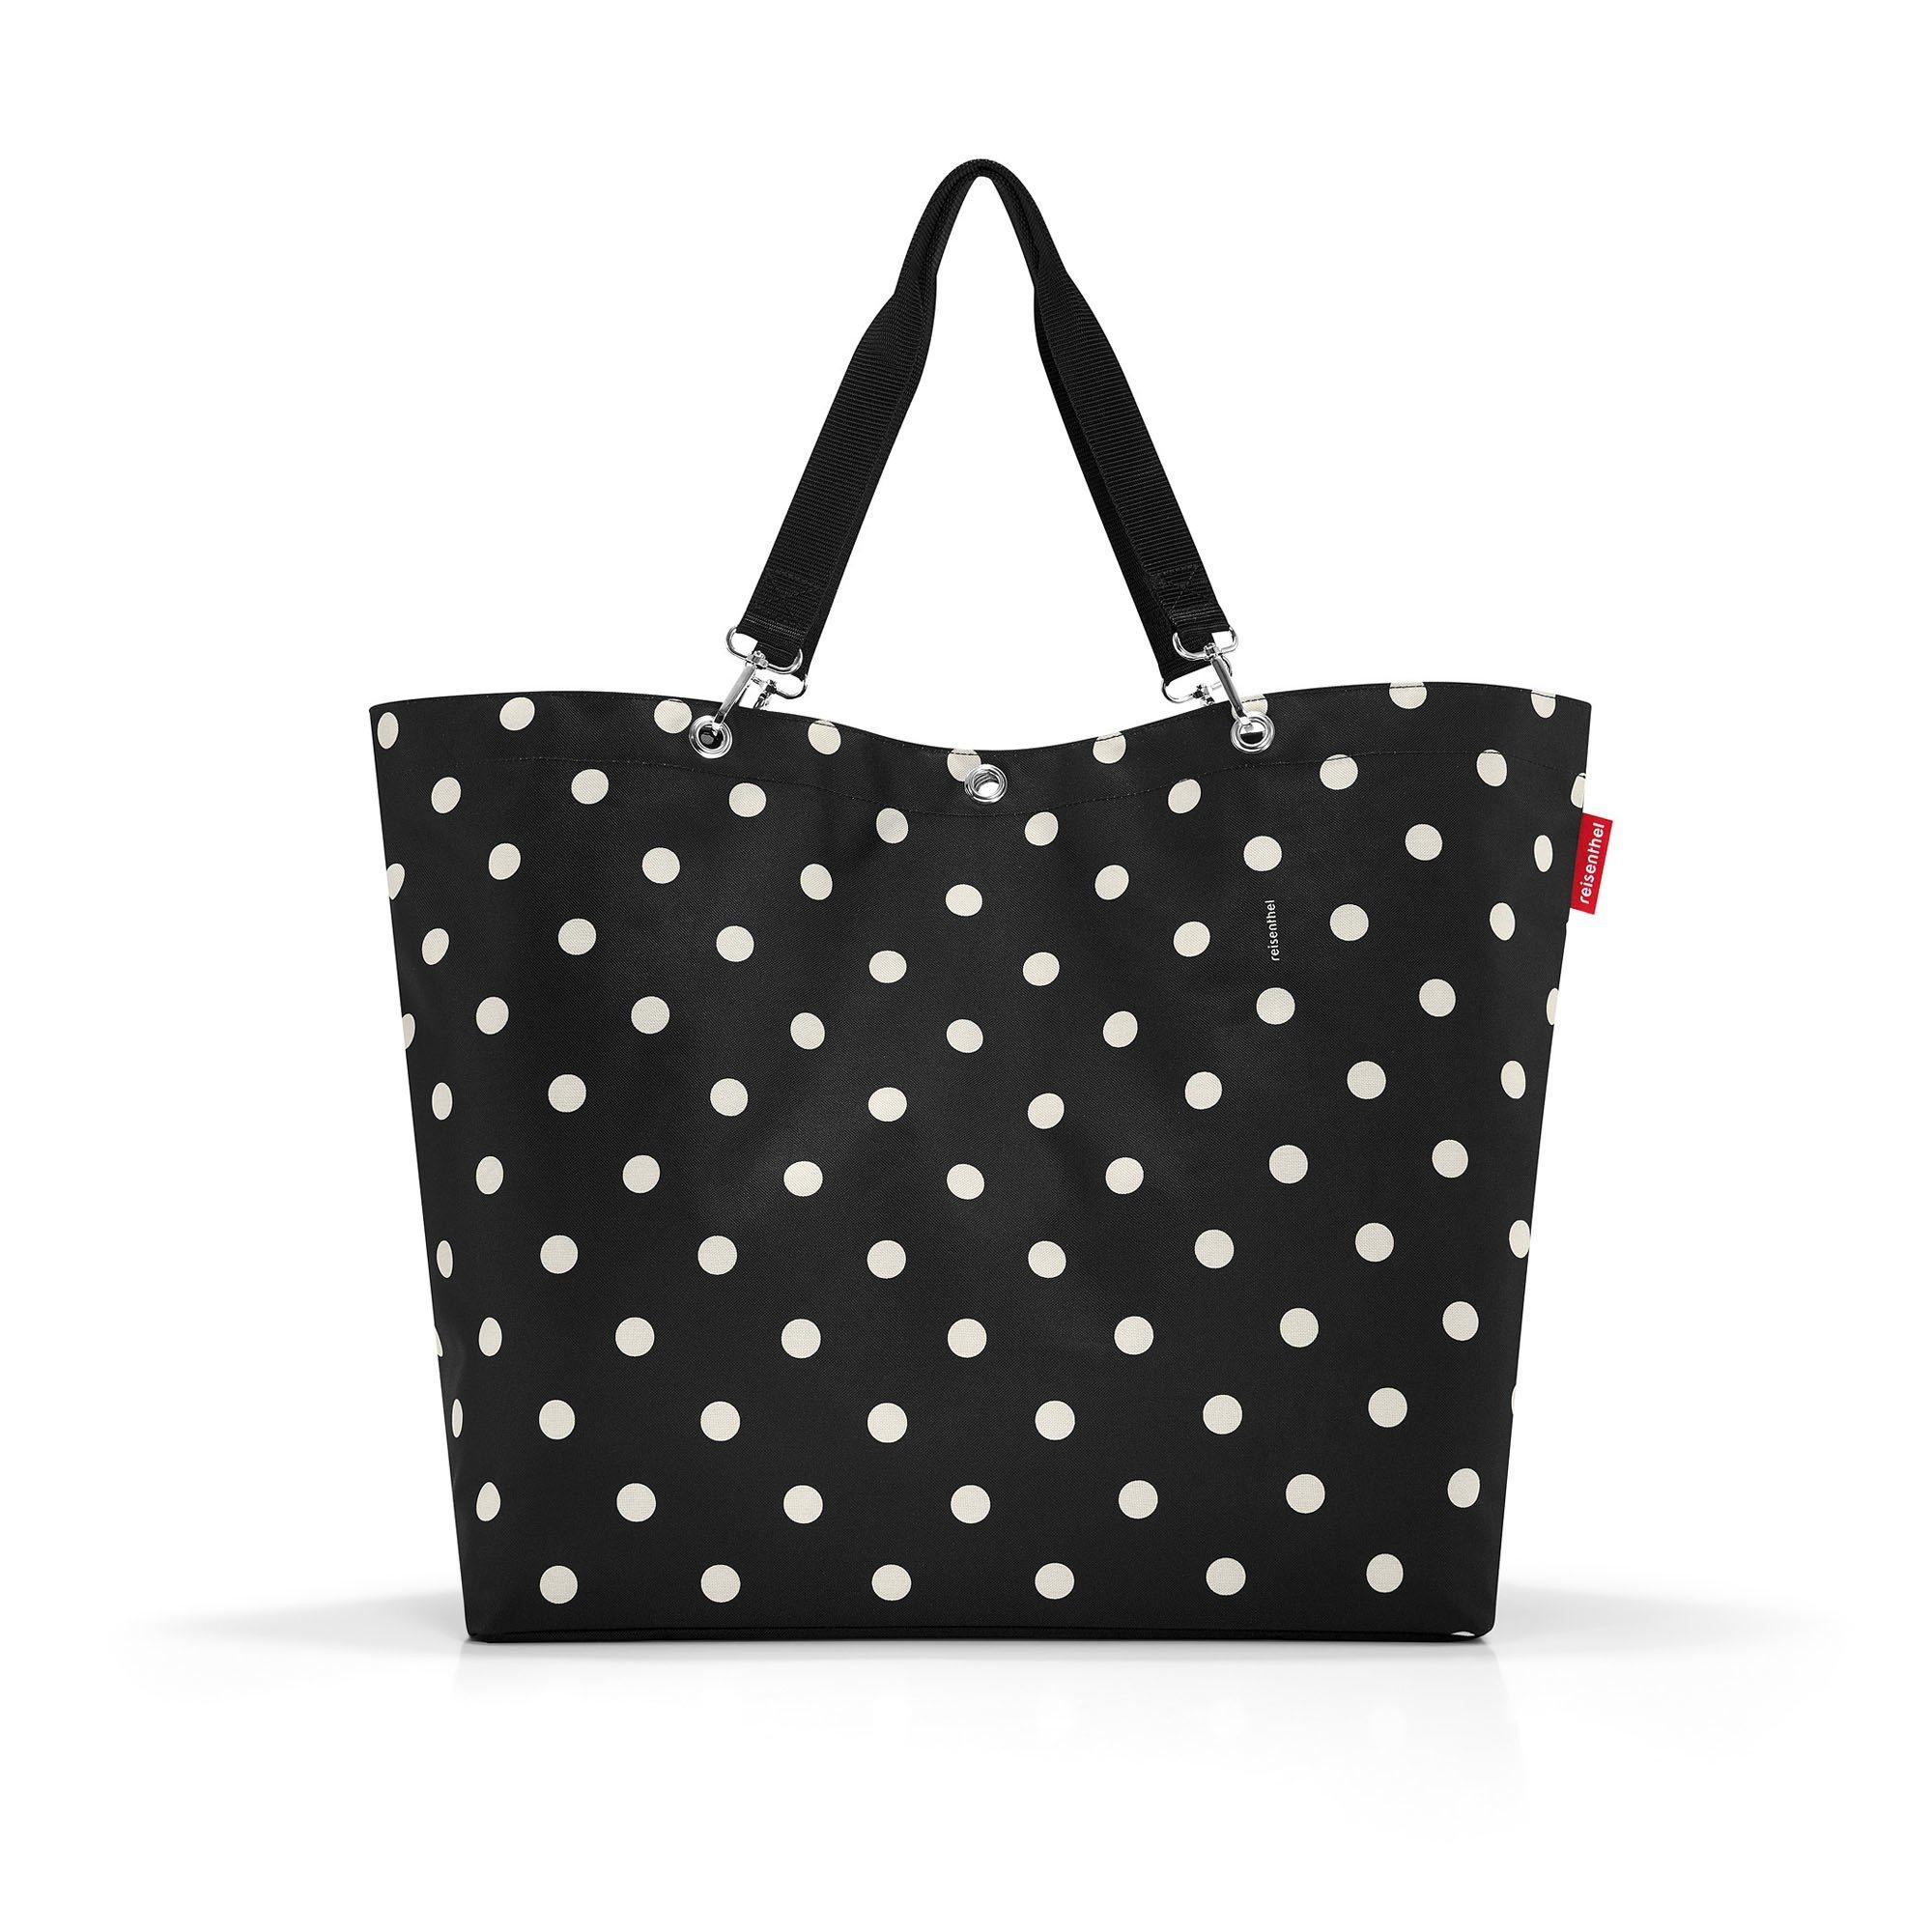 aa984c5959334 Handtasche Shopper Rot Preisvergleich • Die besten Angebote online ...